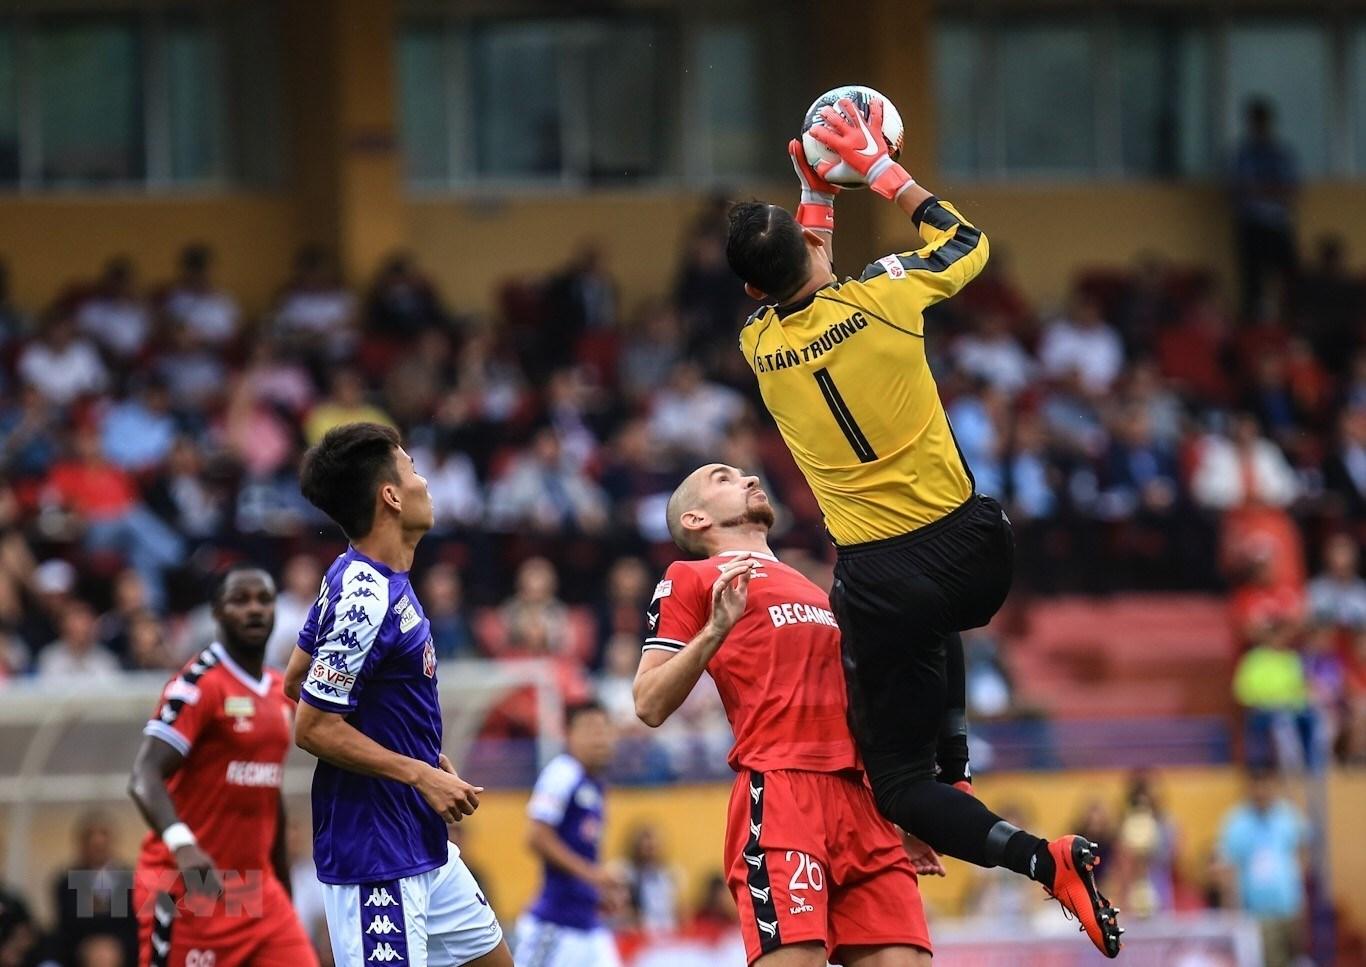 Kịch tính và hấp dẫn trận Siêu Cup quốc gia đầu Xuân Kỷ Hợi